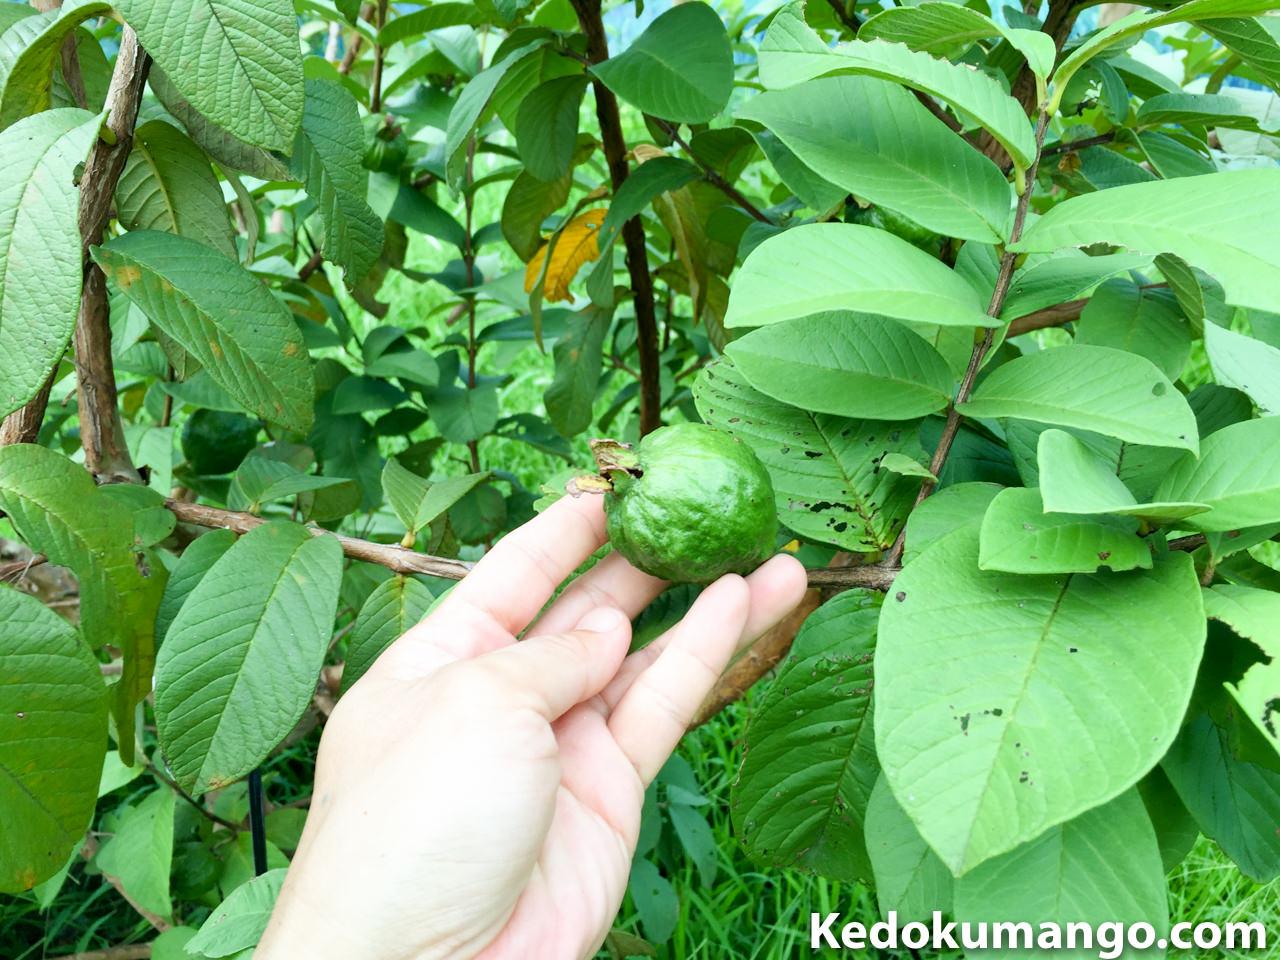 島バンシロウの果実の様子